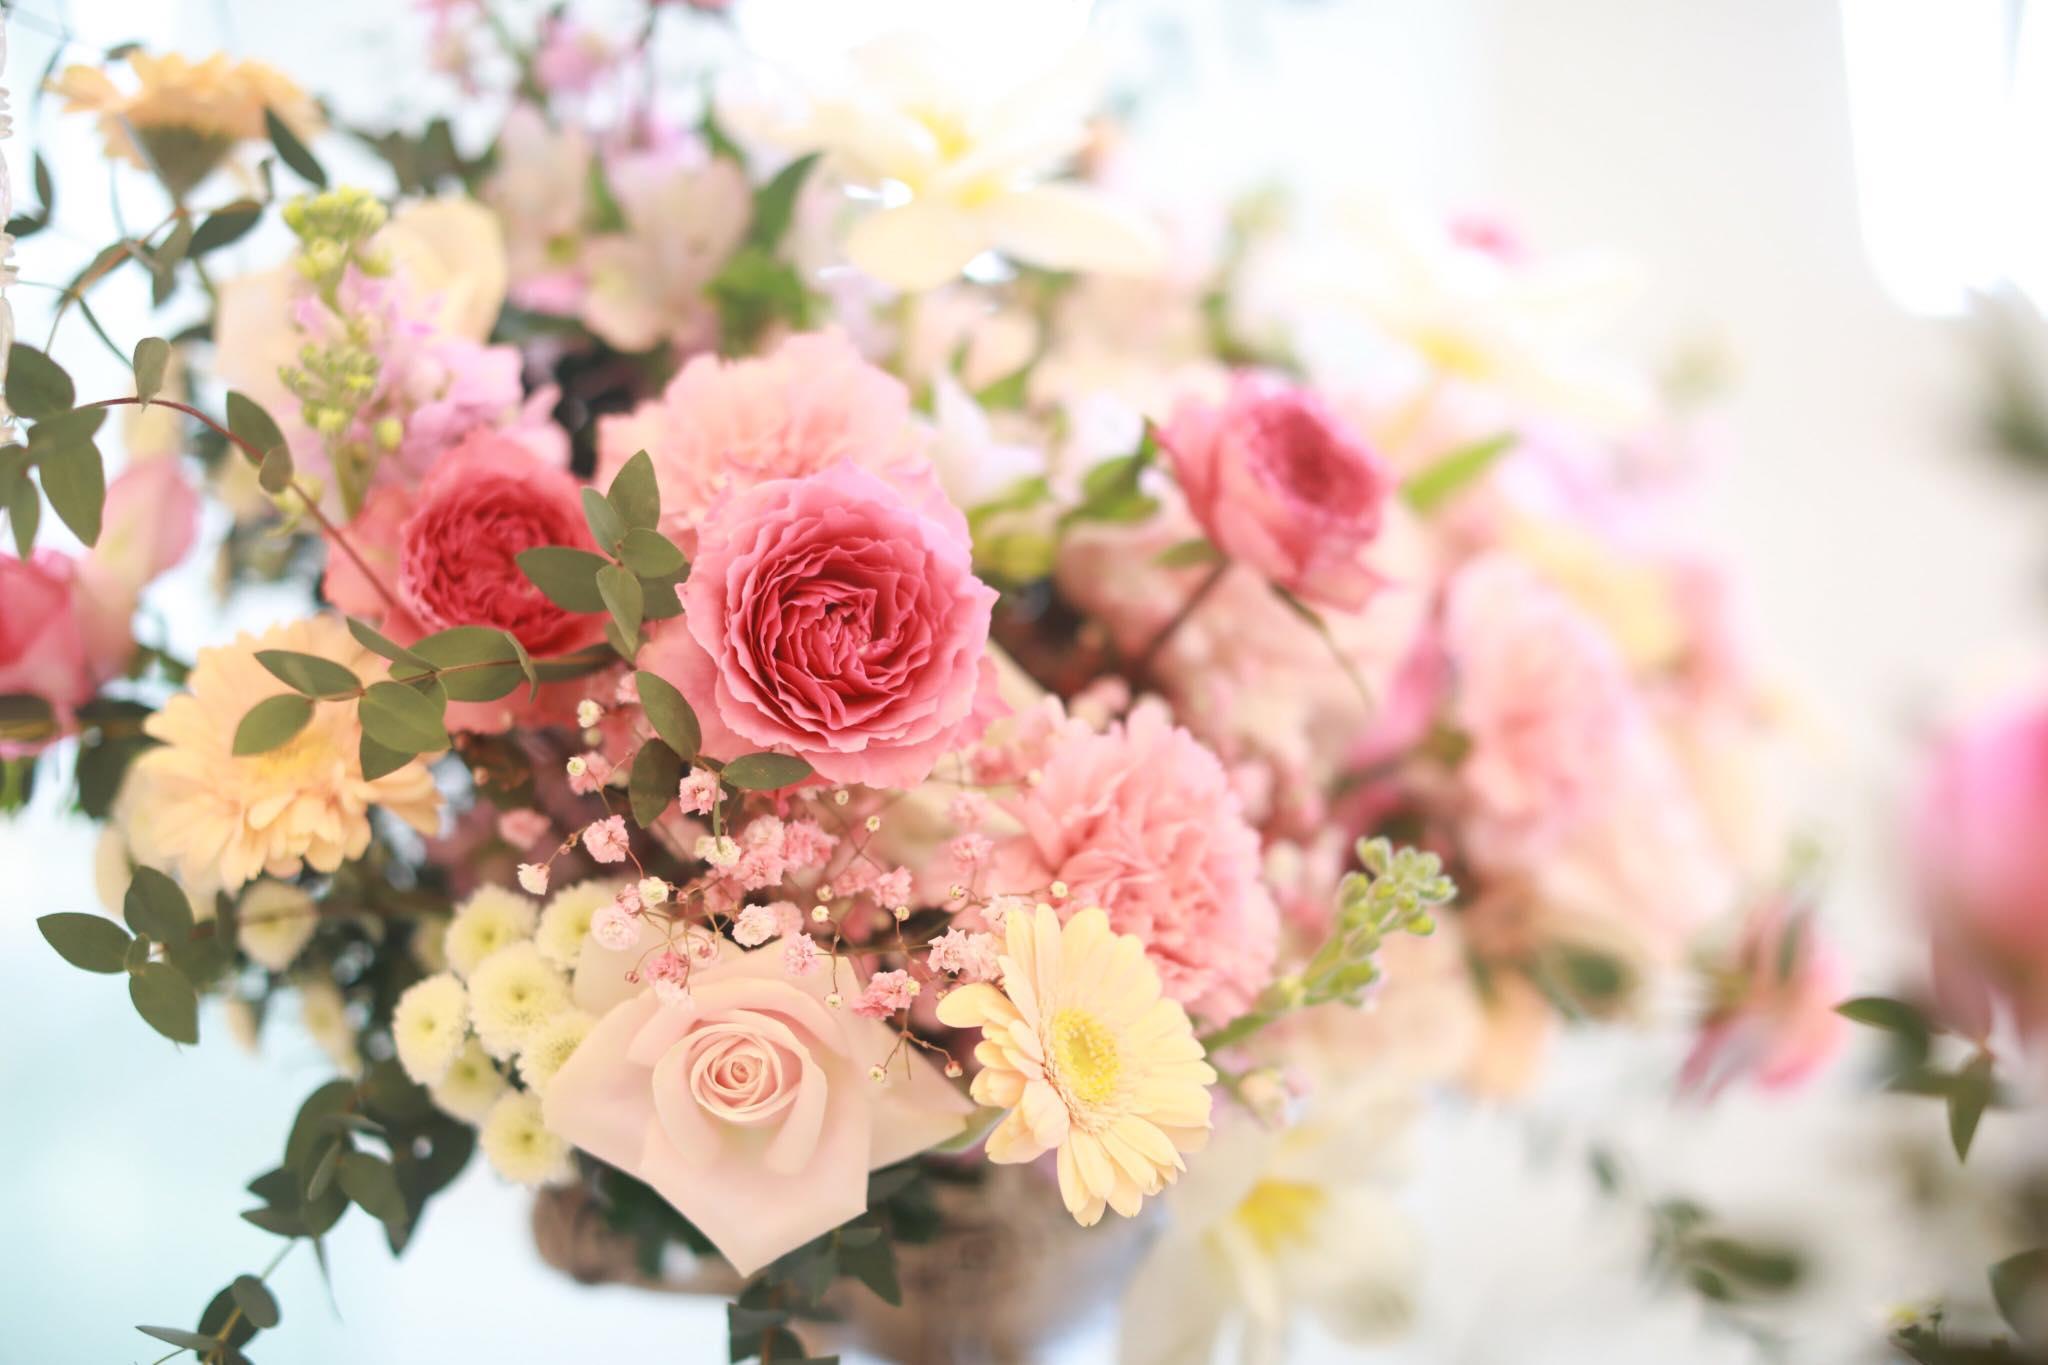 Dịch vụ đặt giỏ hoa tươi uy tín Hoa Tươi Văn Nam